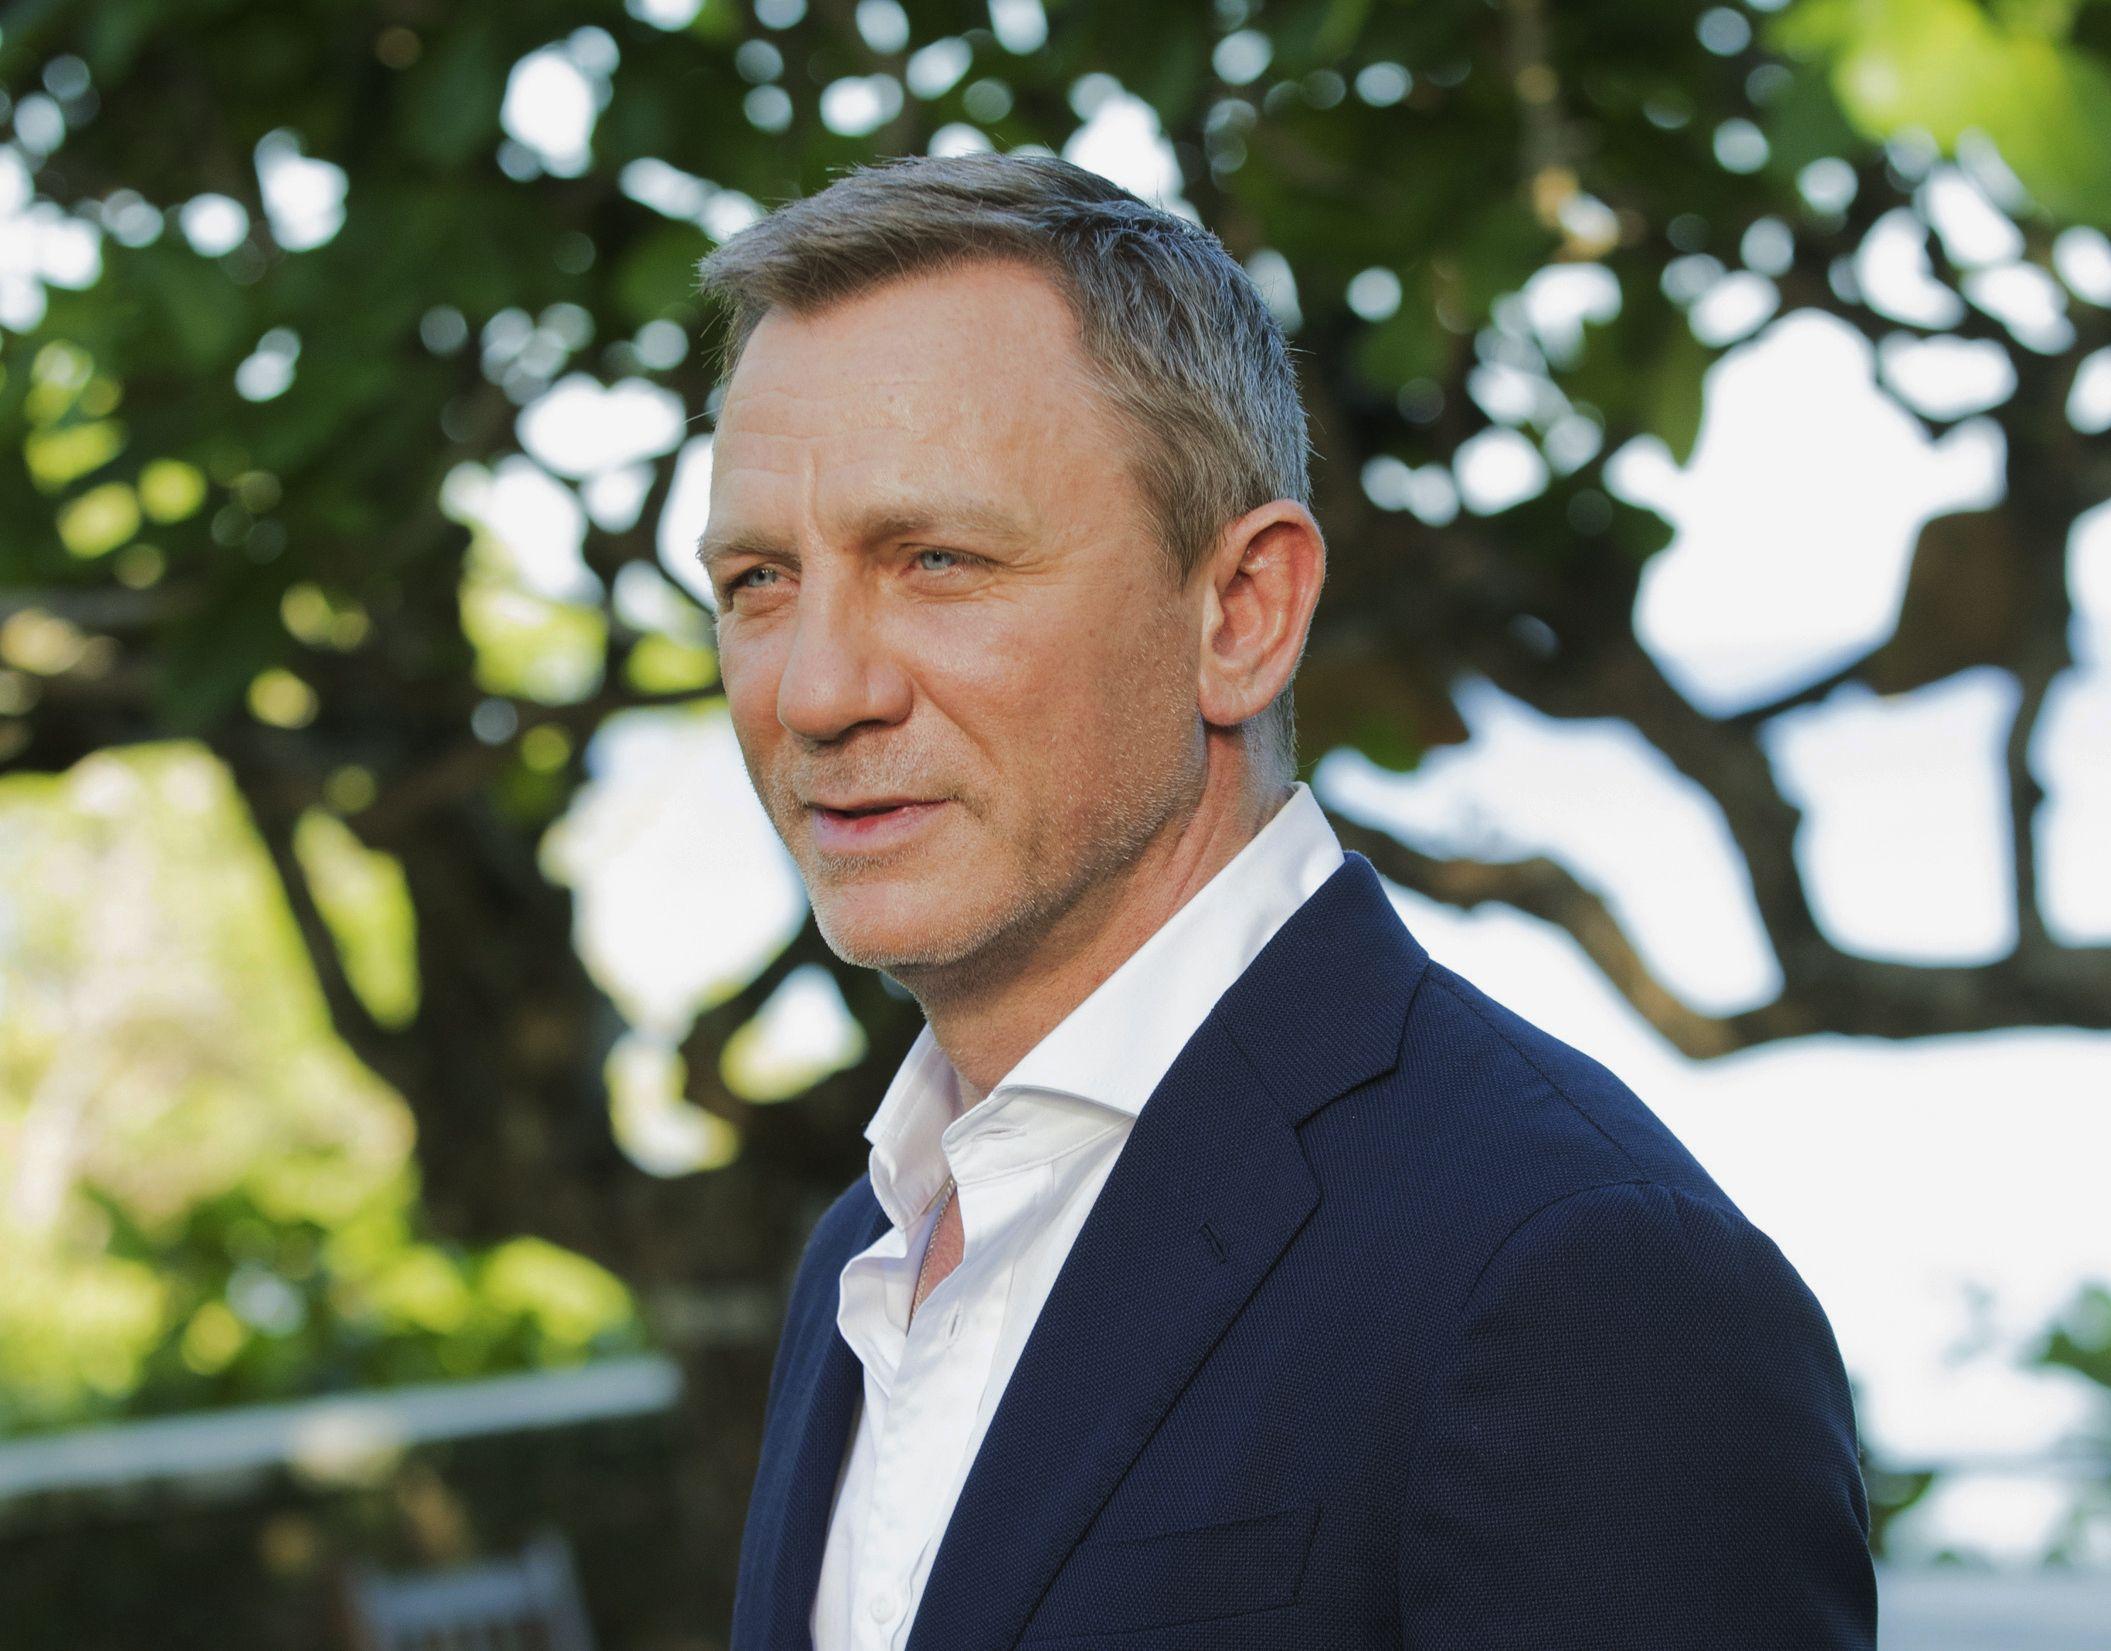 Nächster James Bond Darsteller